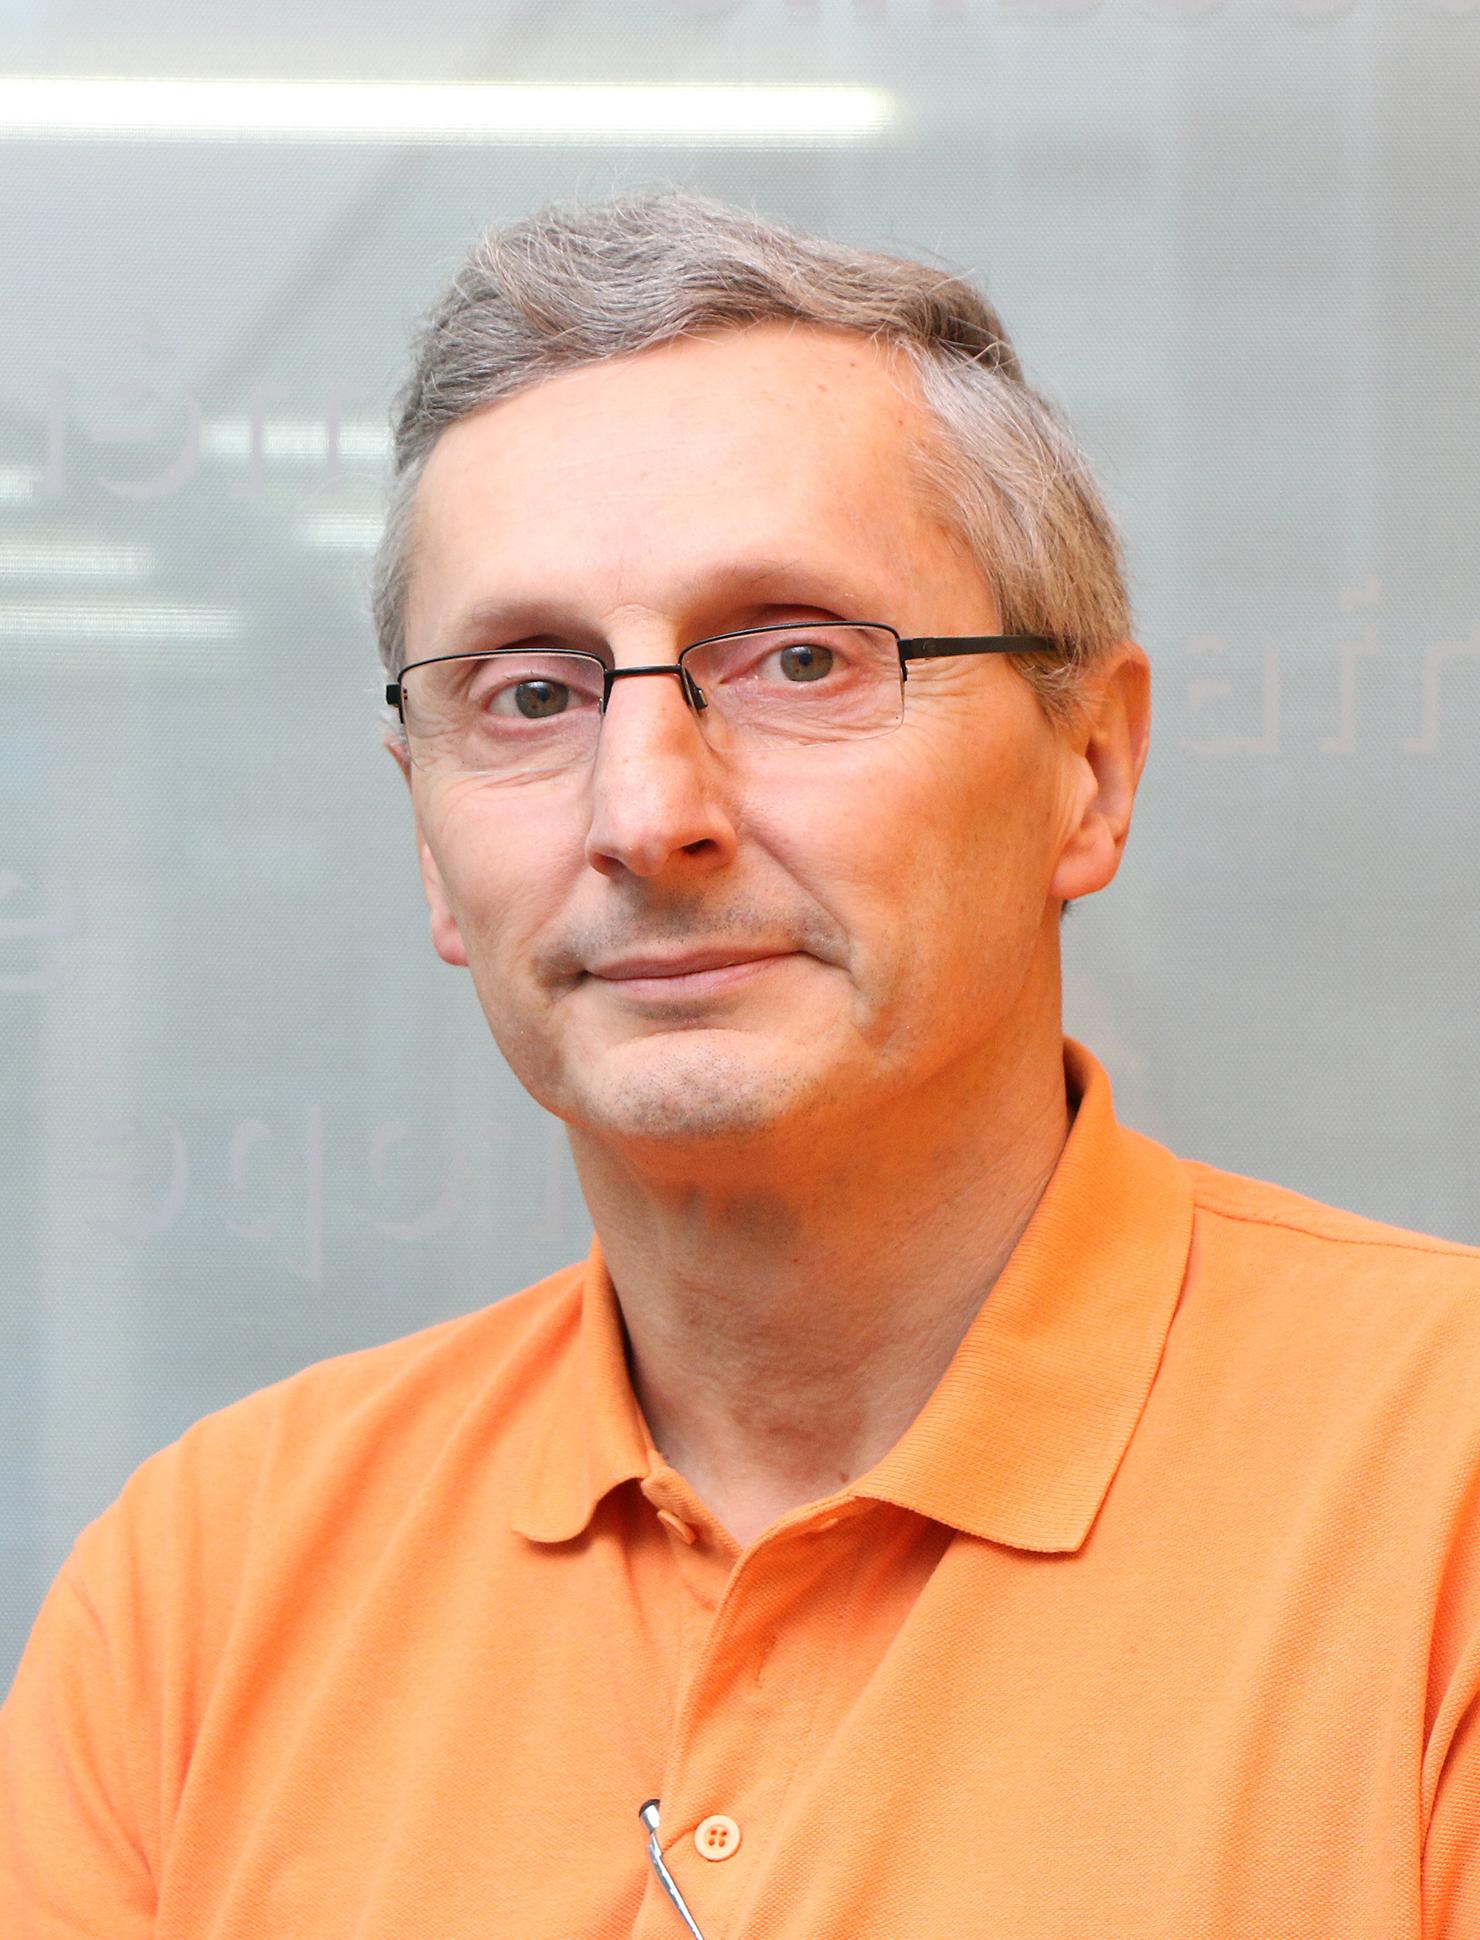 Régis Bertholon,  Professeur à la Haute Ecole Arc Conservation-restauration, responsable de la filière